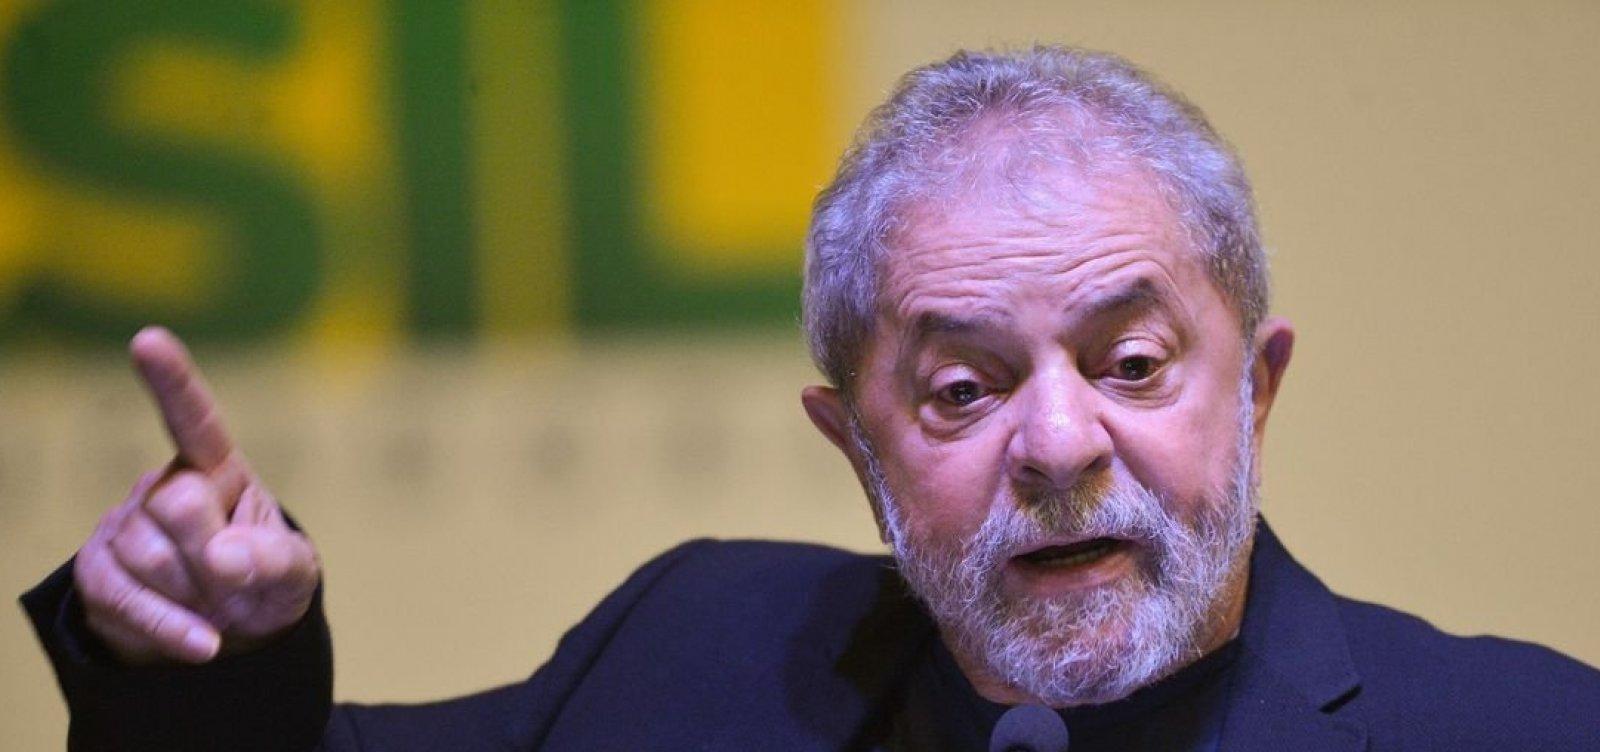 [Lula pede que PT evite 'bate-boca' e foque em ajudar a população]